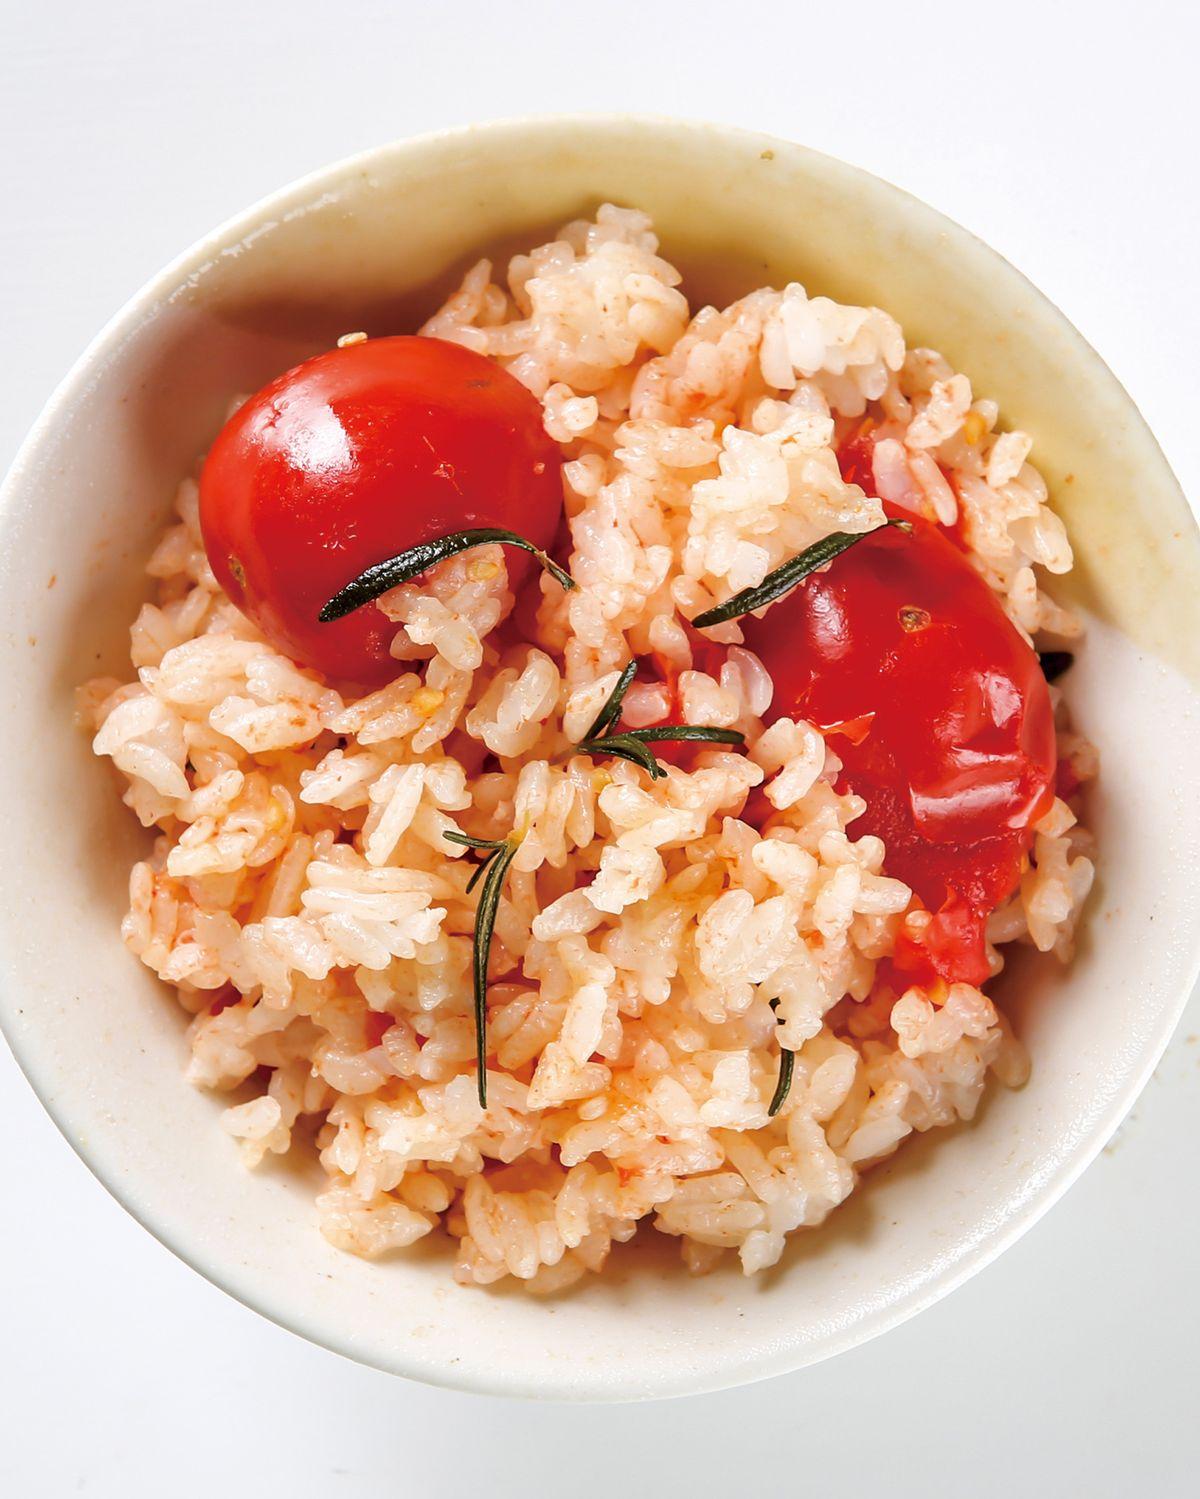 食譜:番茄炊飯